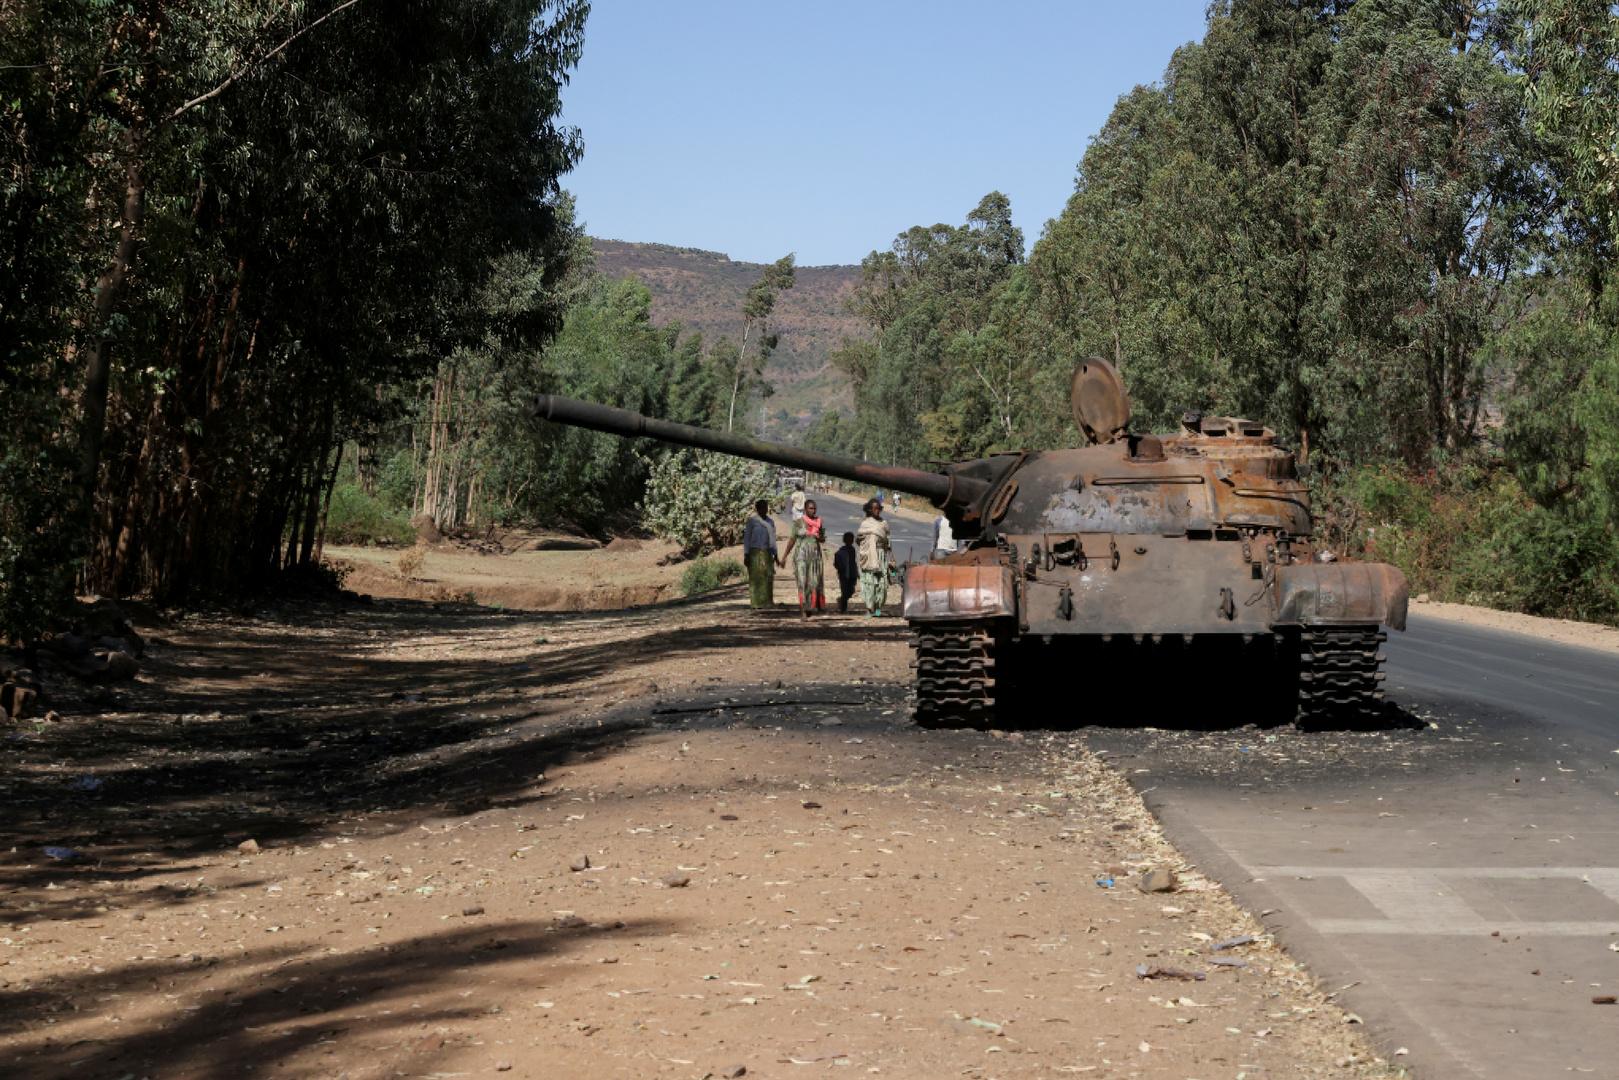 إثيوبيا تعلن بدء انسحاب القوات الإريترية من إقليم تيغراي